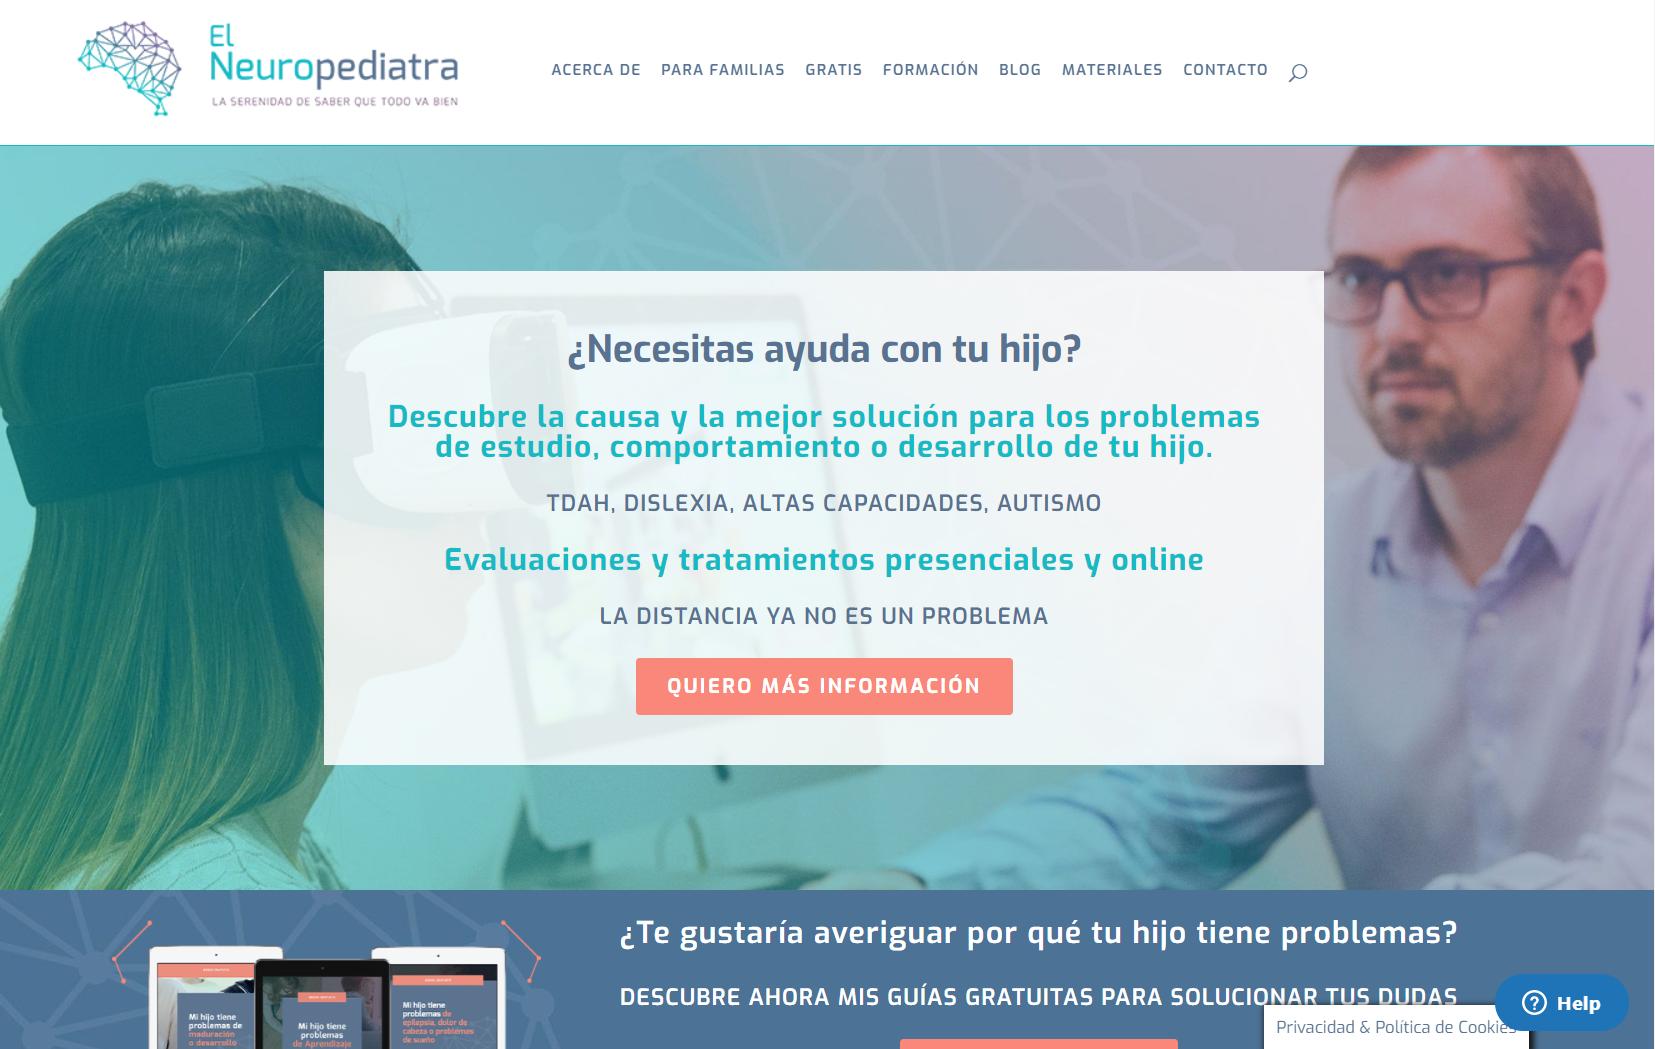 Captura de pantalla de la web de El Neuropediatra